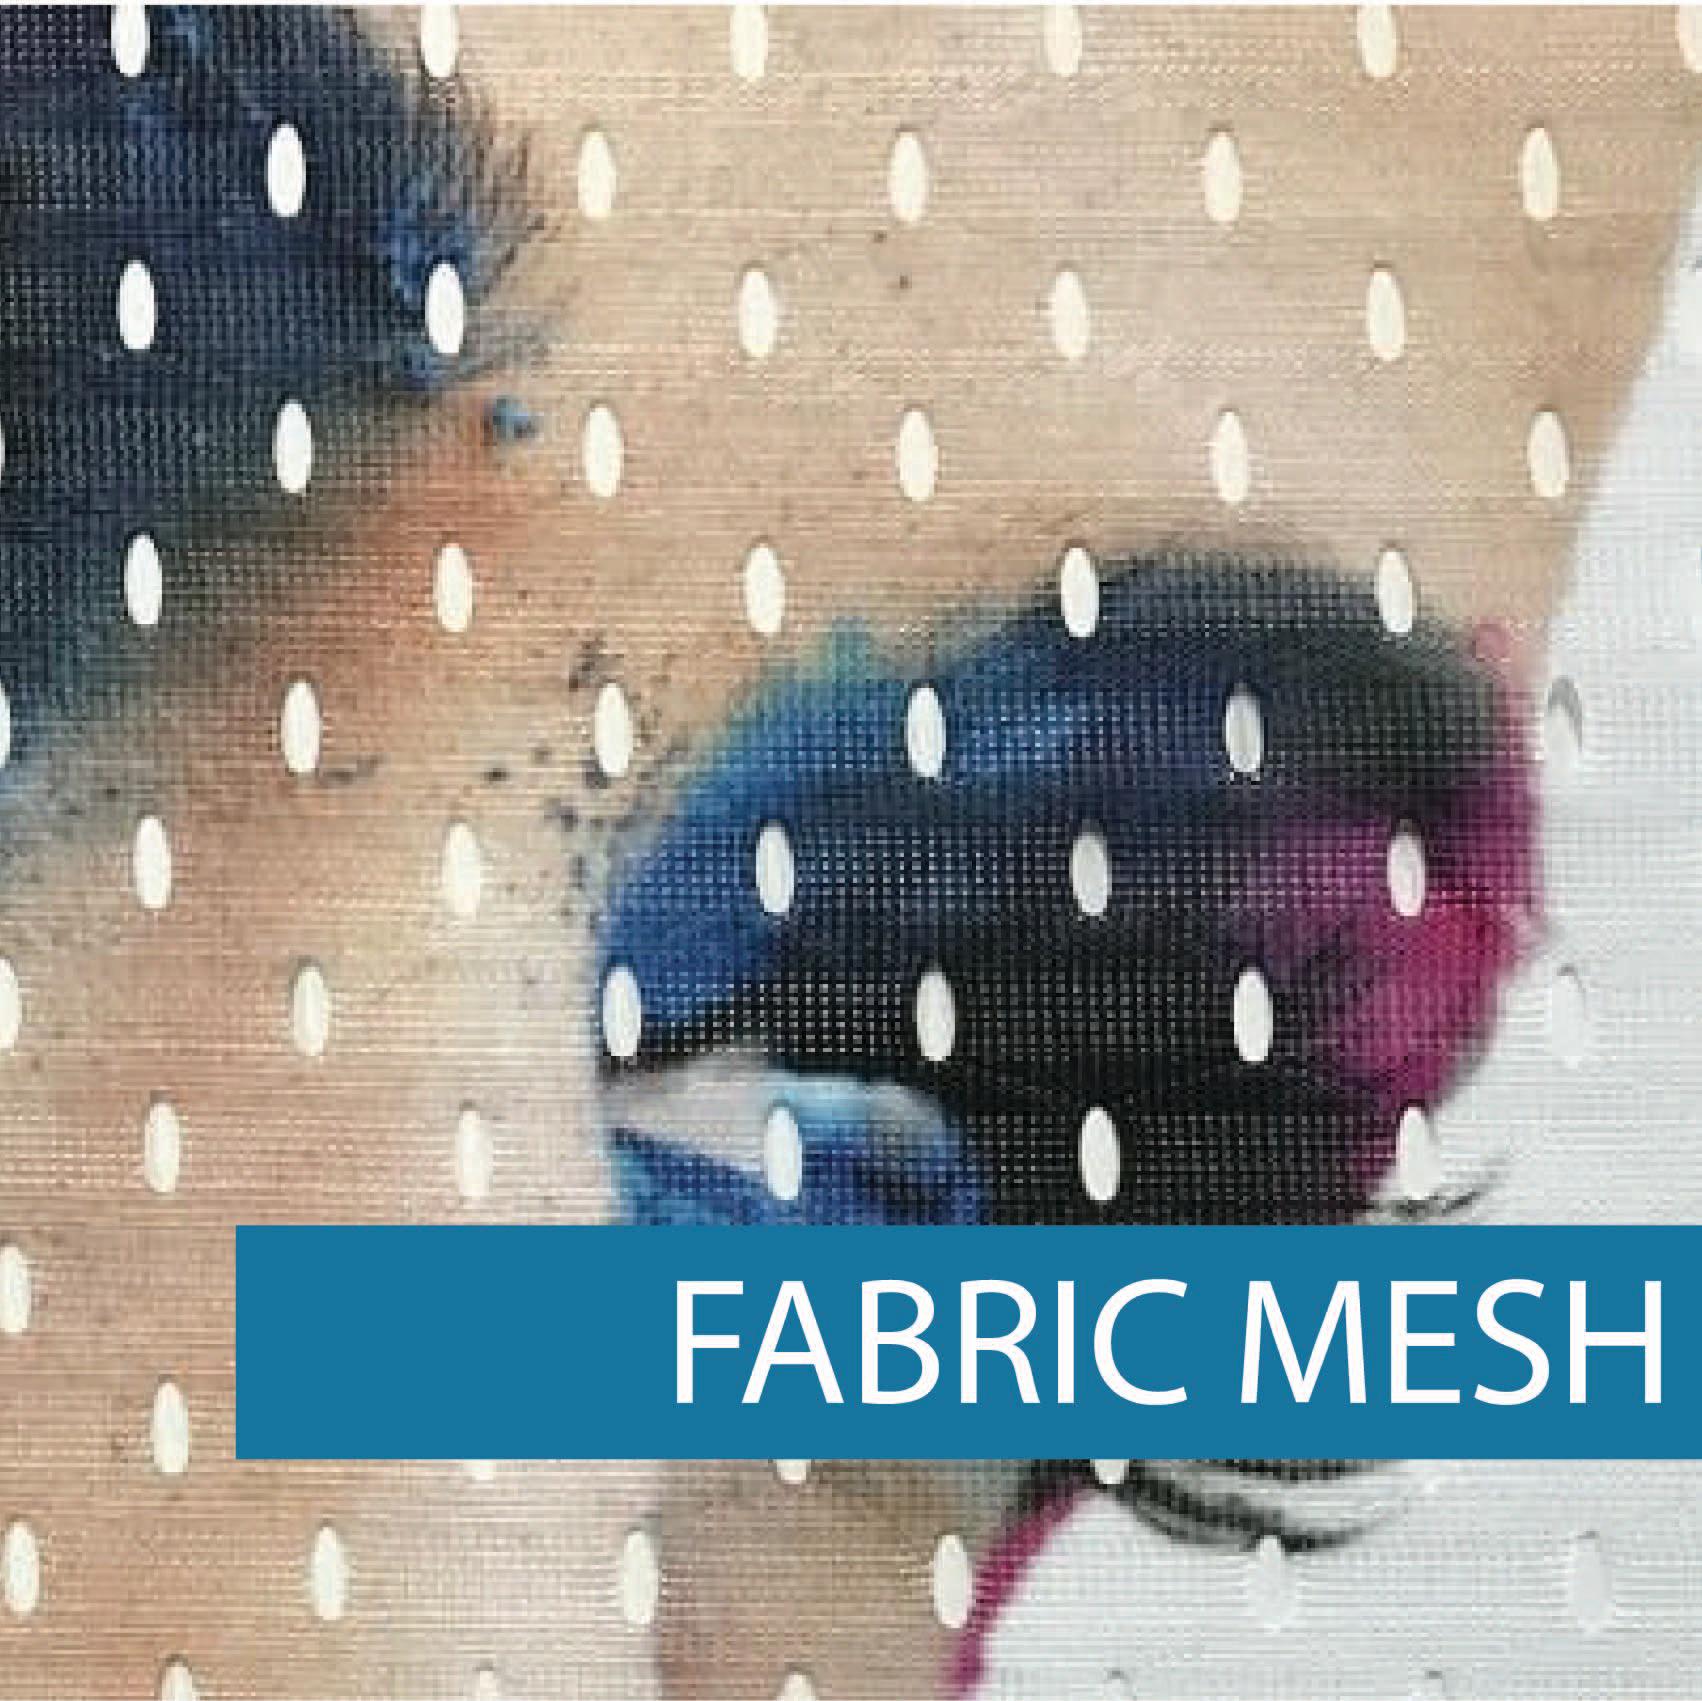 Fabric mesh